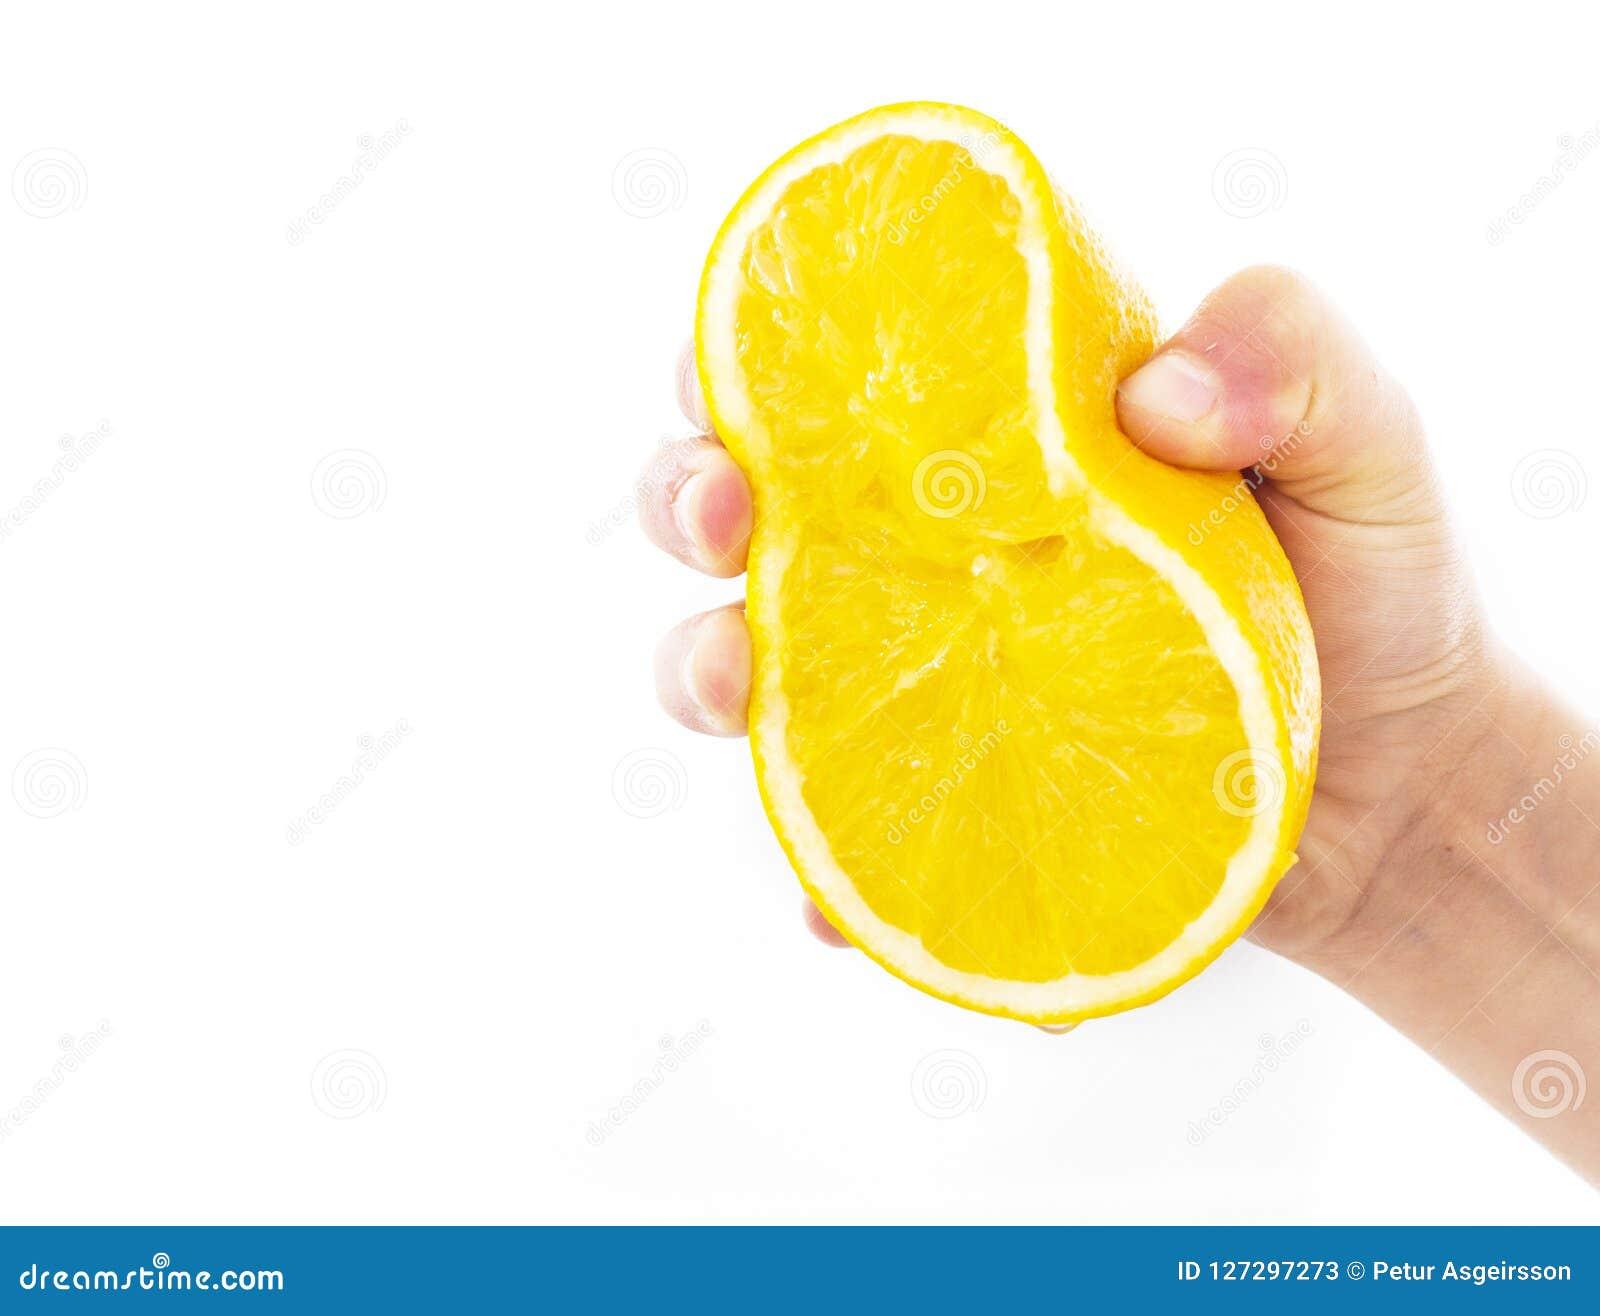 Συμπιέζοντας το πορτοκάλι που απομονώνεται σε ένα άσπρο υπόβαθρο